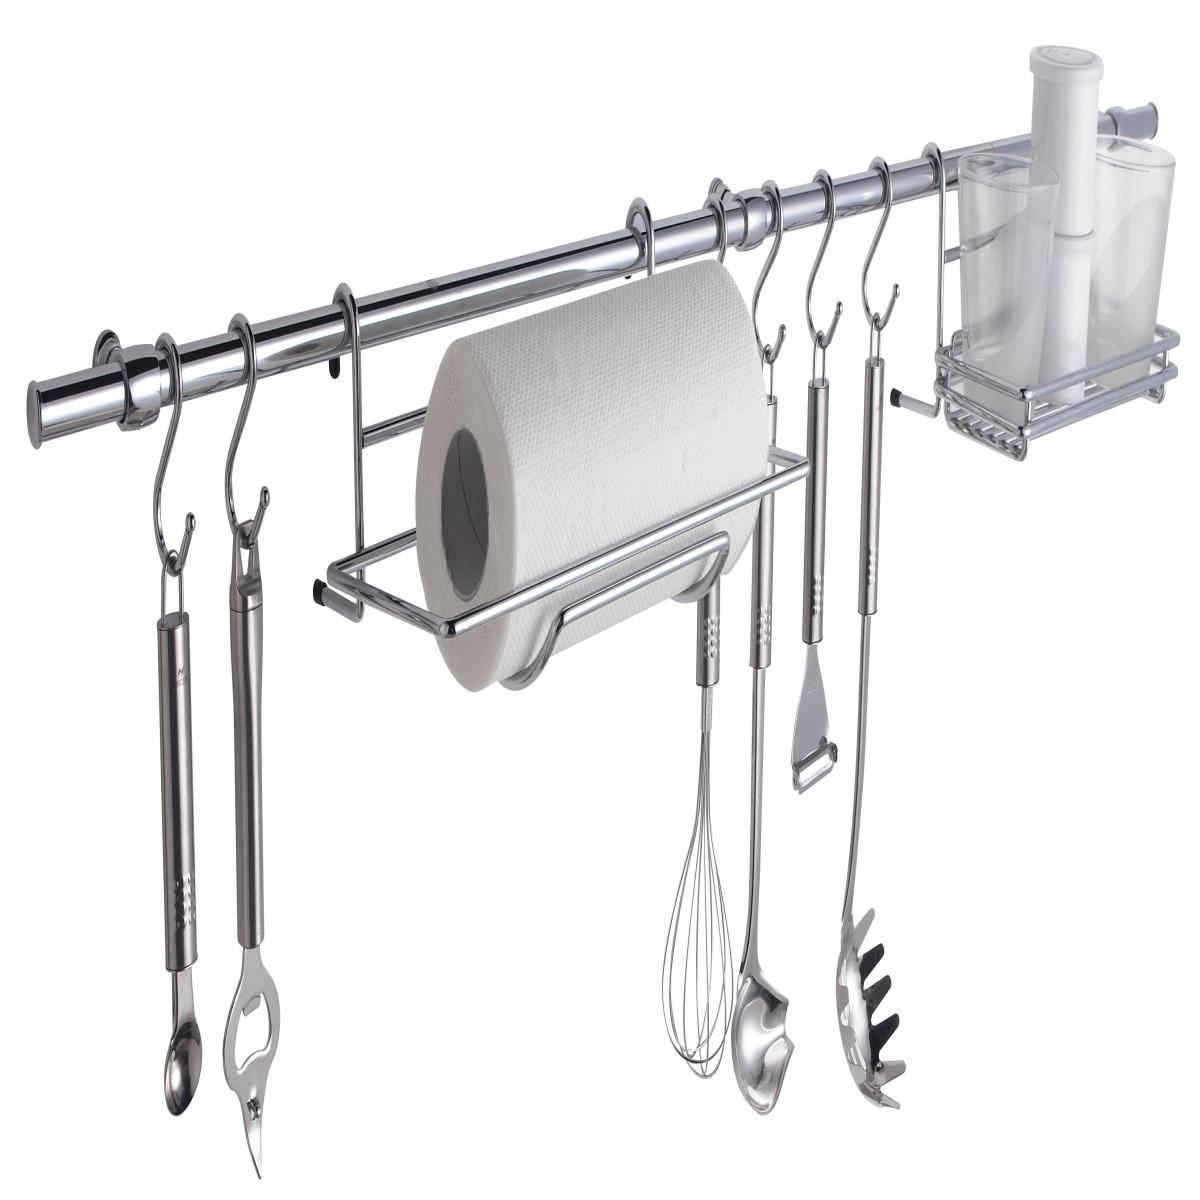 ᐅ Accessori cucina viola : Migliori Prezzi ᐅ Casa MIGLIORE ...